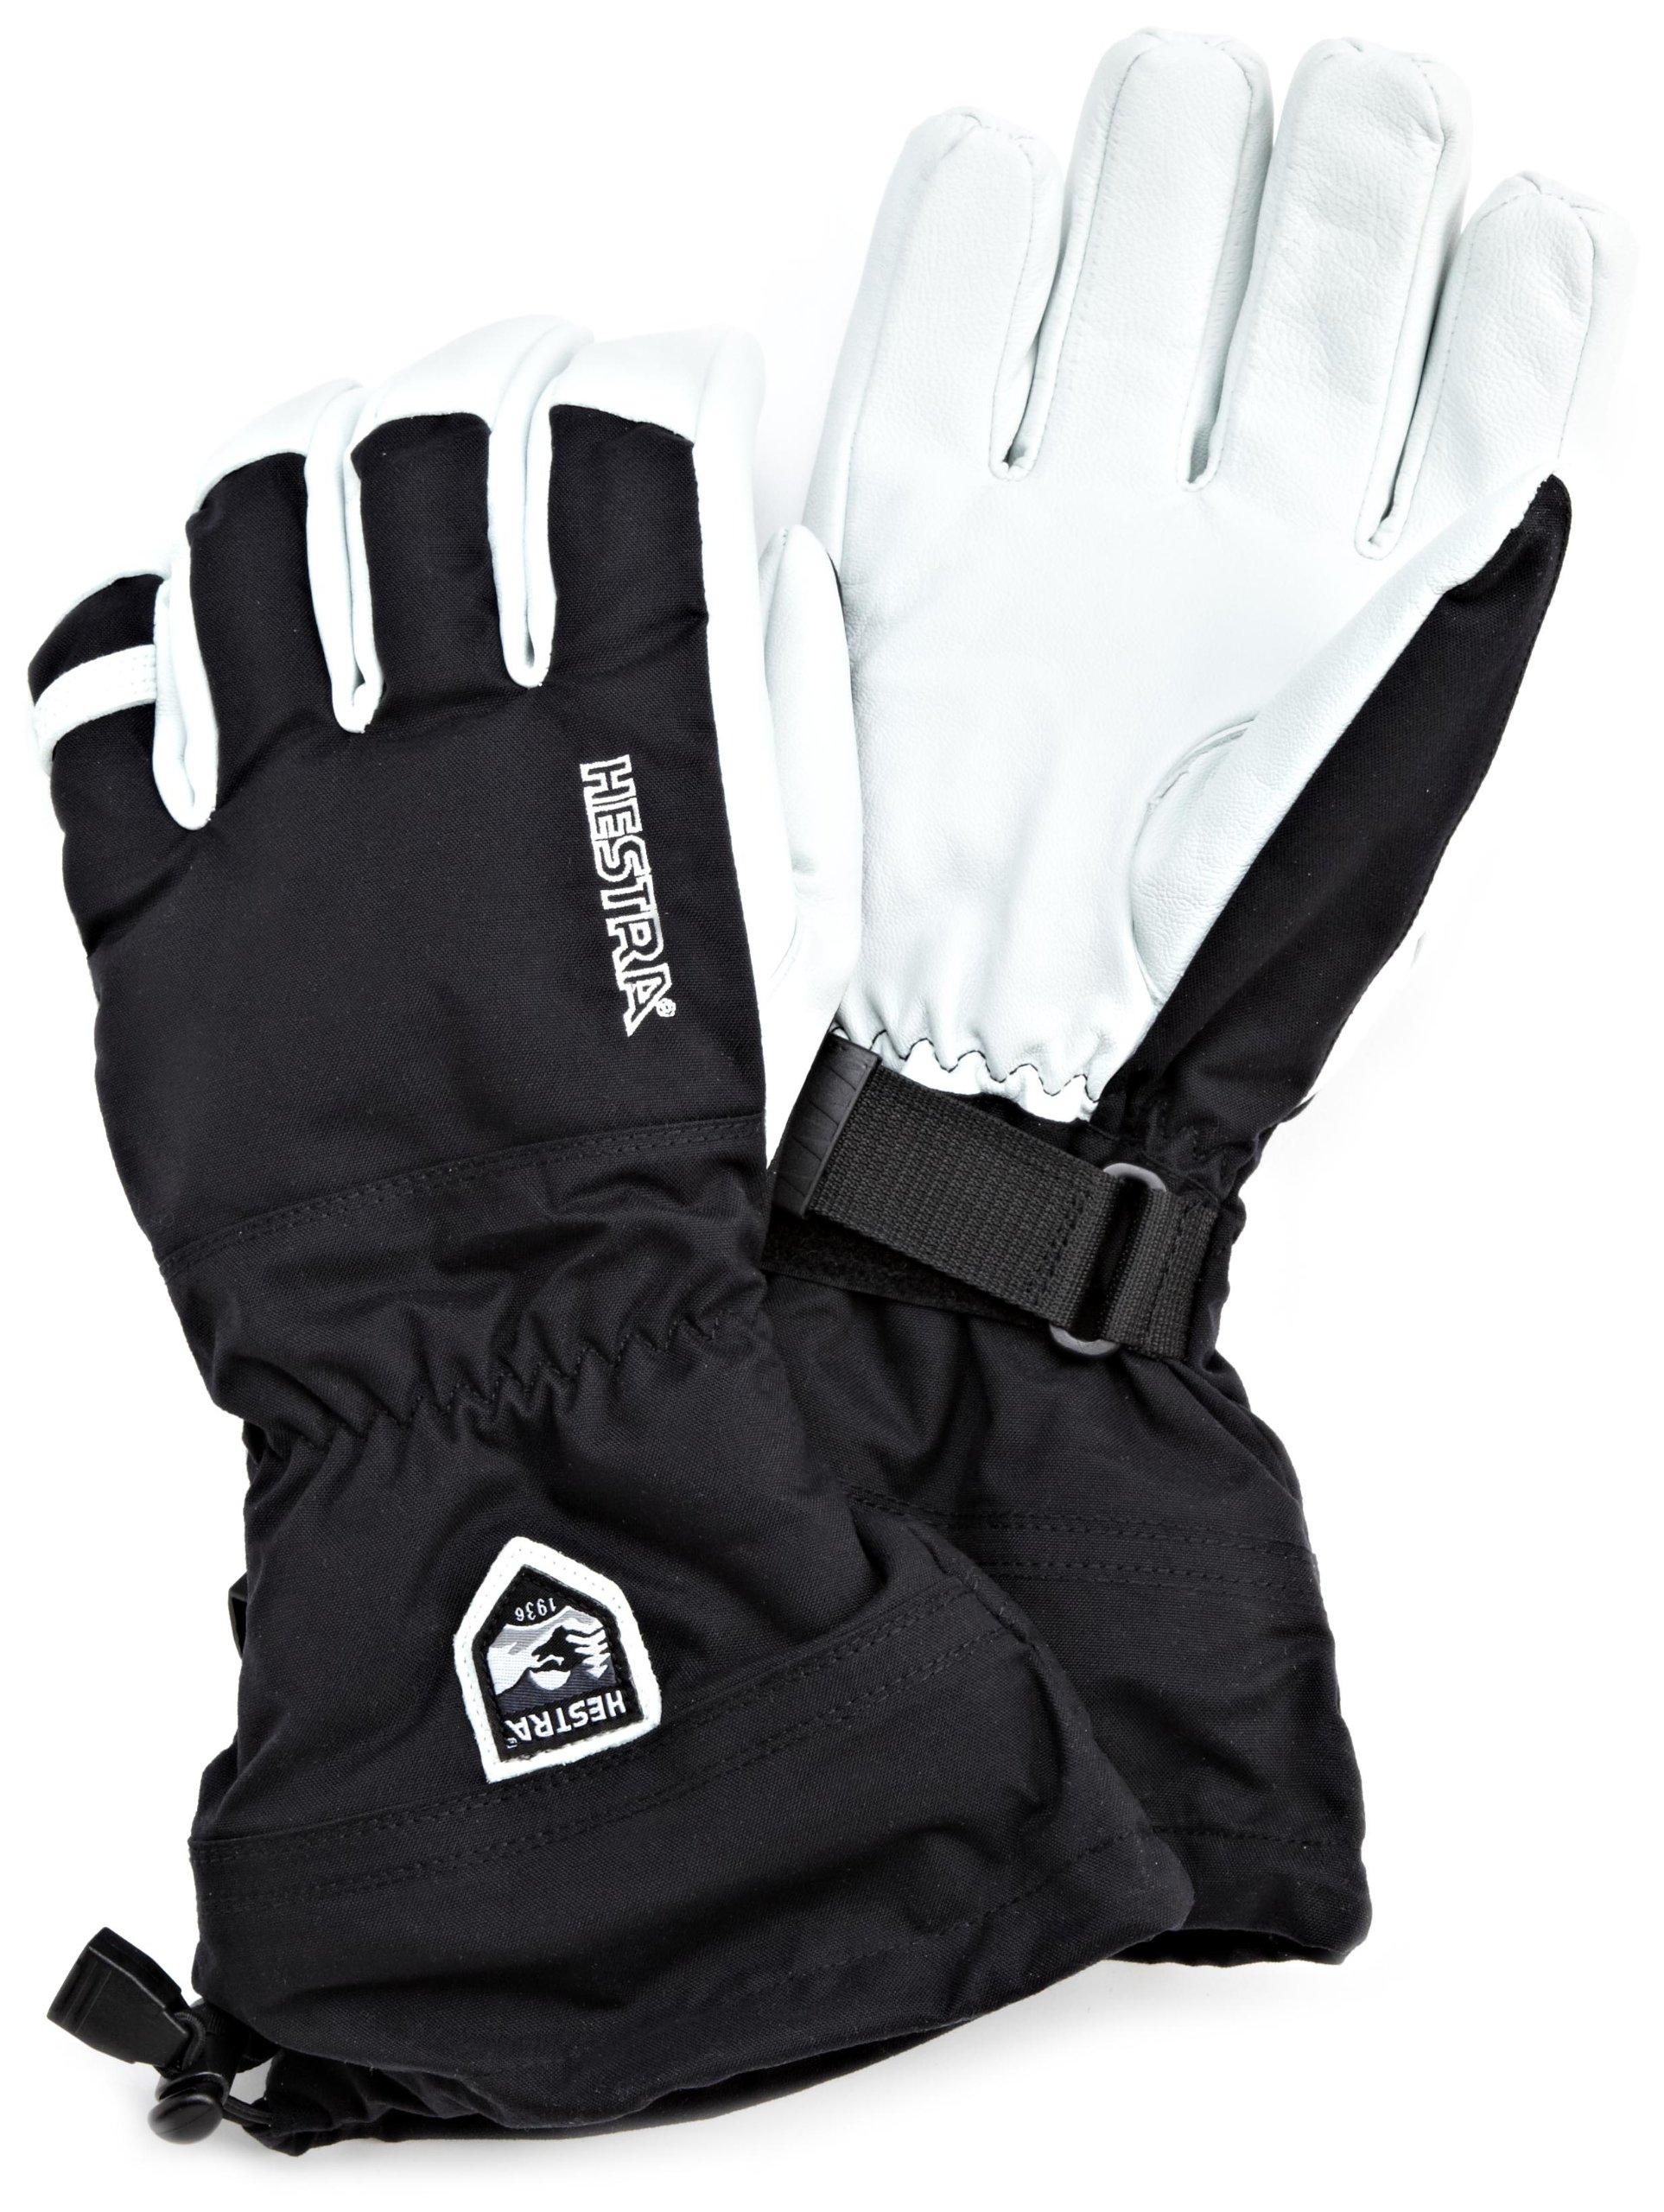 Hestra Heli Glove (Black, 10) by Hestra